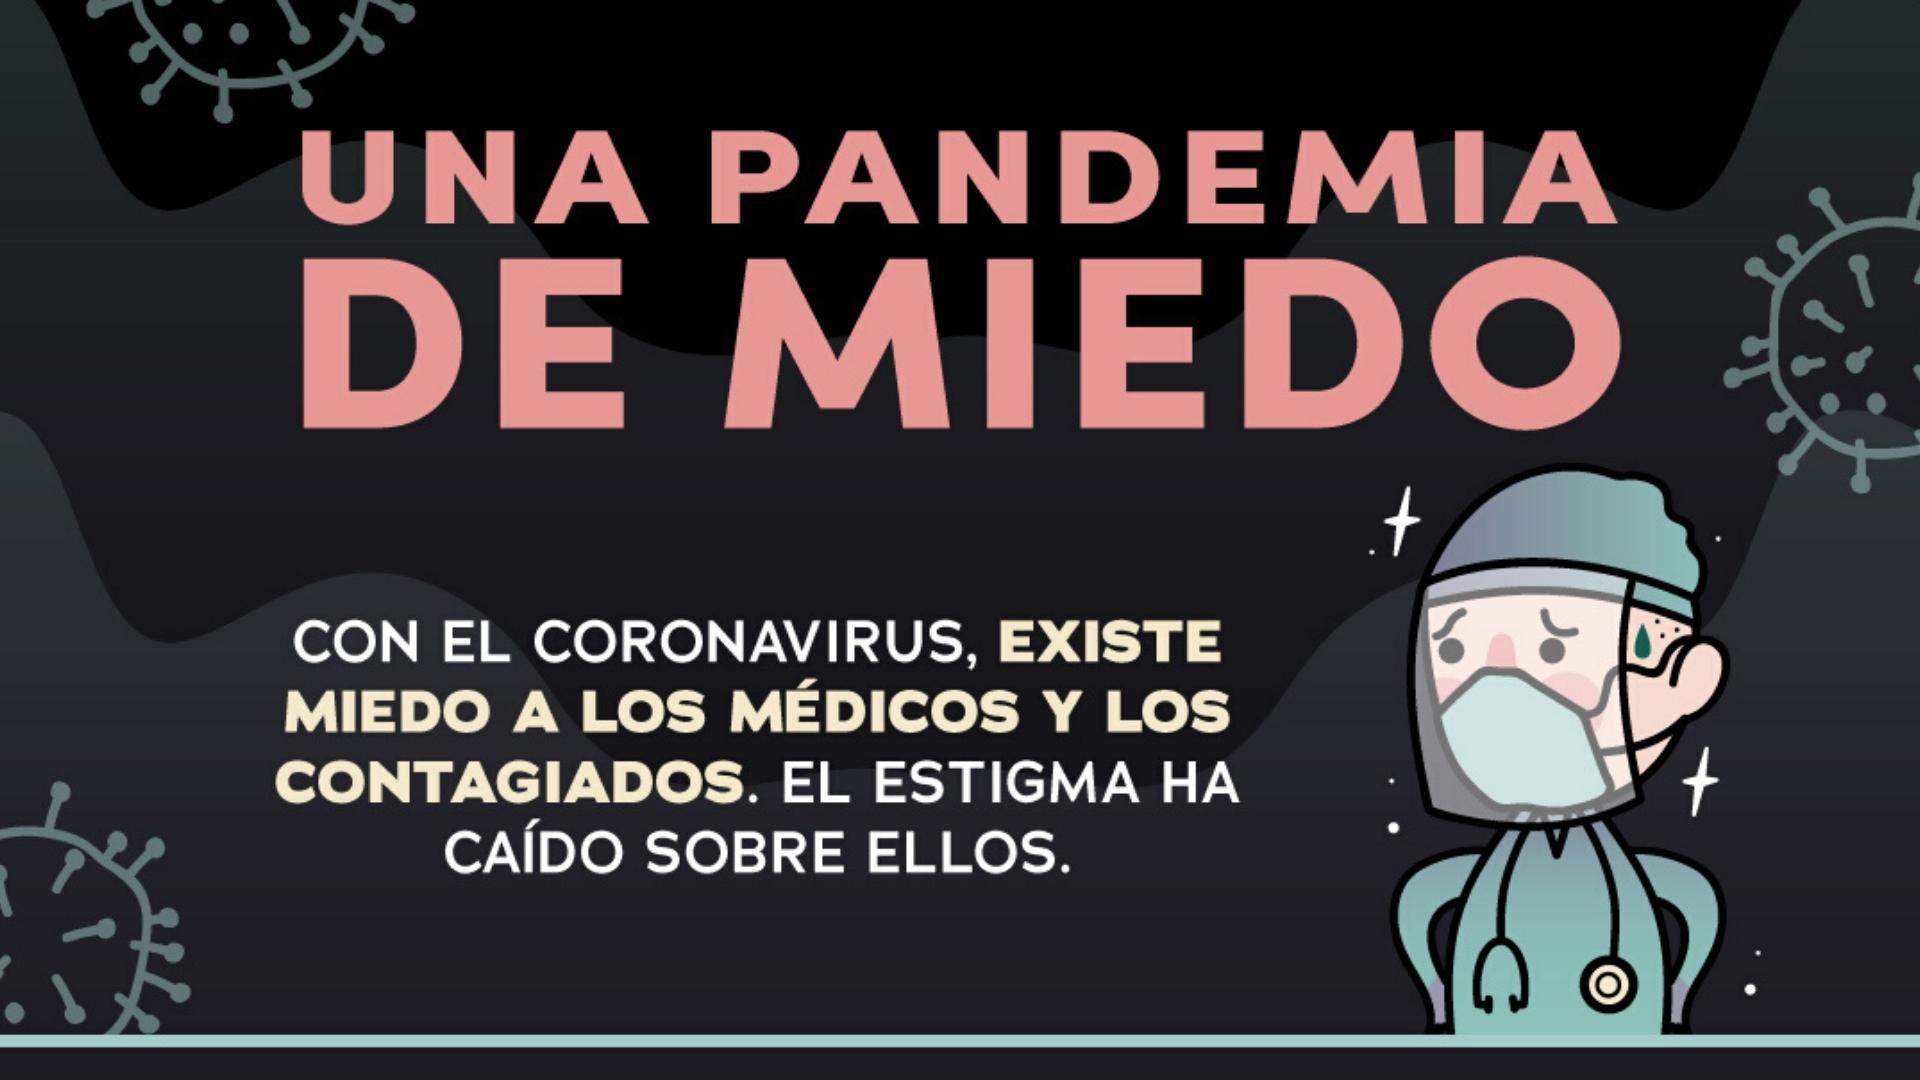 Una pandemia de miedo